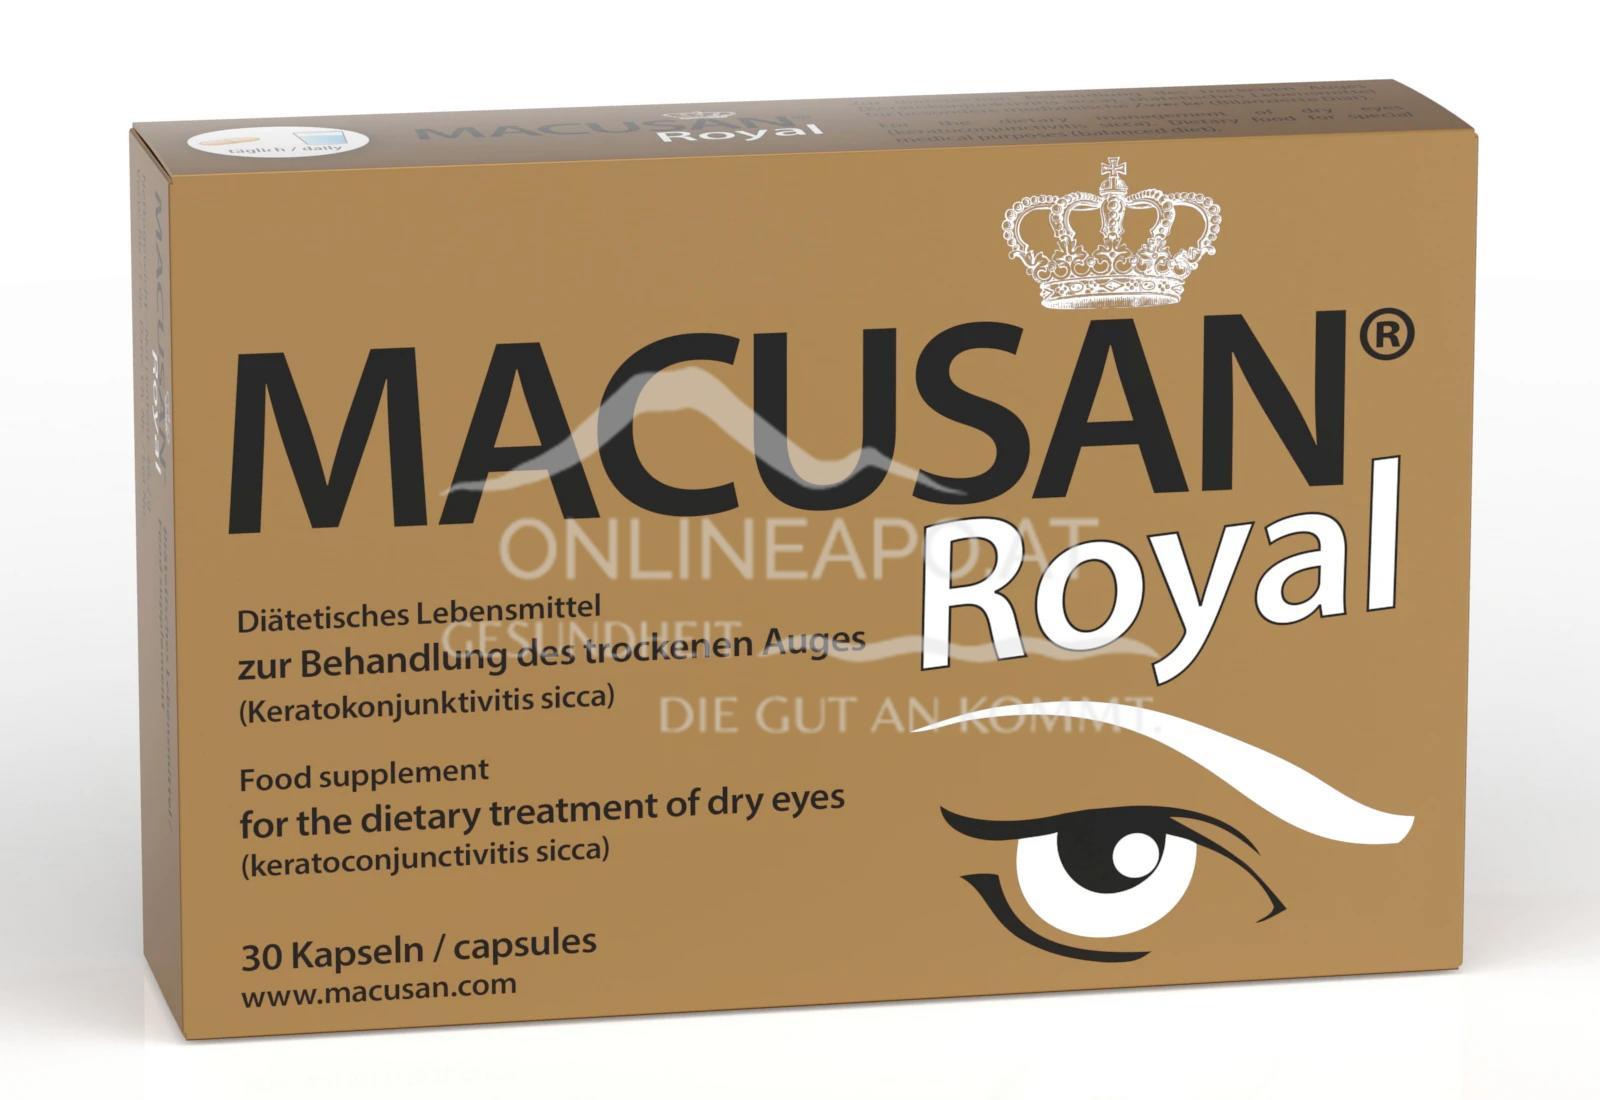 Macusan® Royal